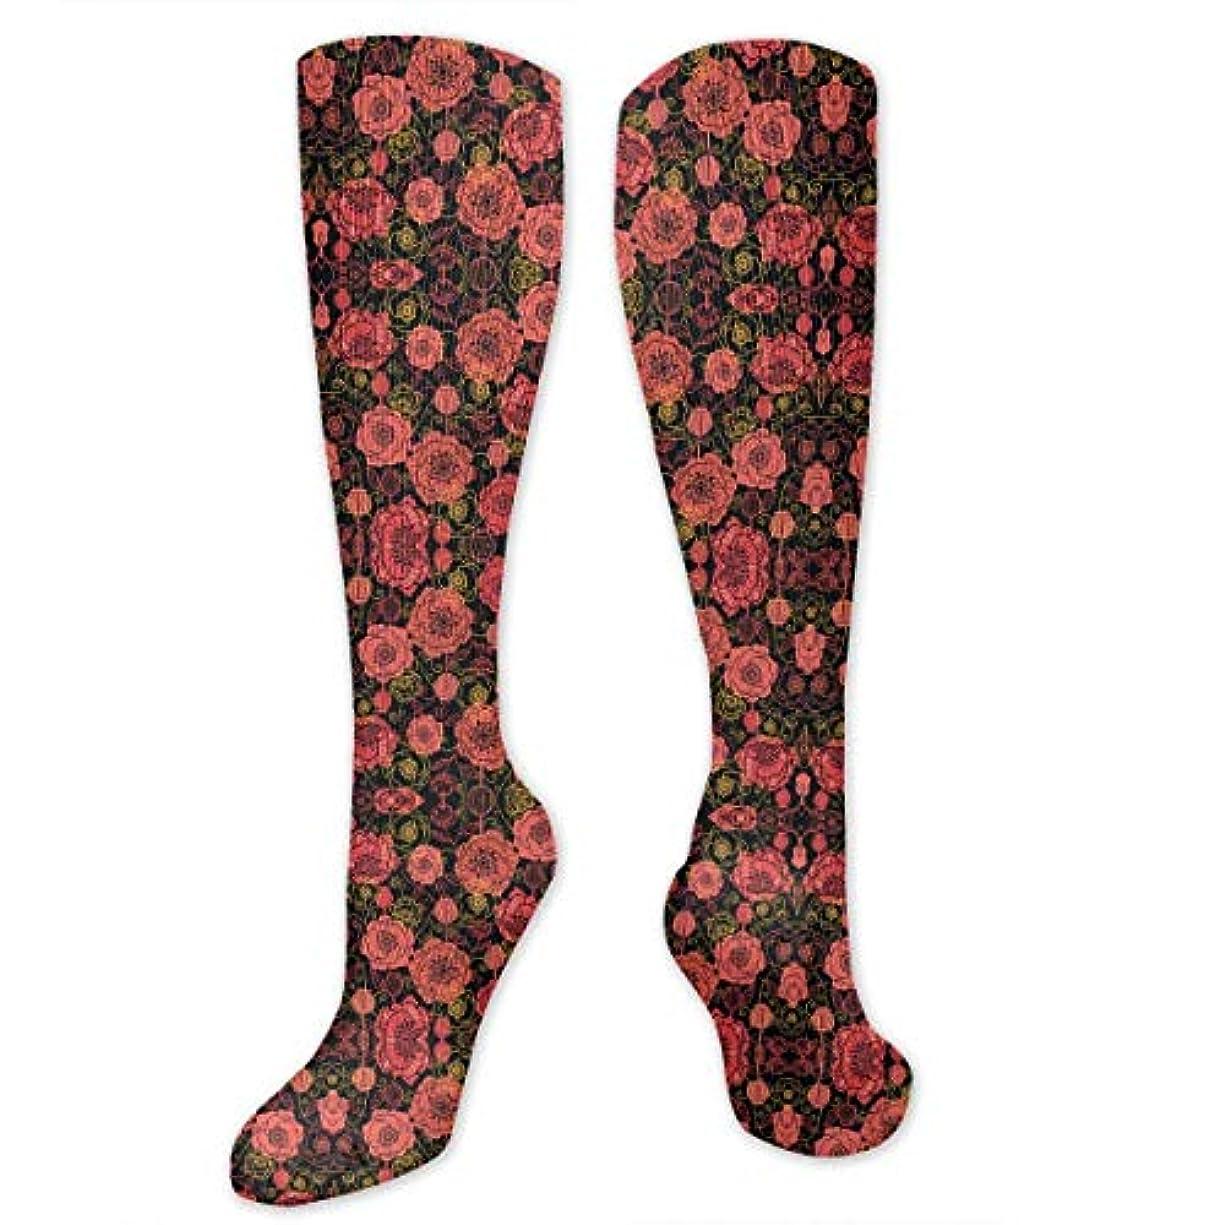 ゆりかごリーフレット学校教育靴下,ストッキング,野生のジョーカー,実際,秋の本質,冬必須,サマーウェア&RBXAA Red Poppies On Black Socks Women's Winter Cotton Long Tube Socks Cotton...